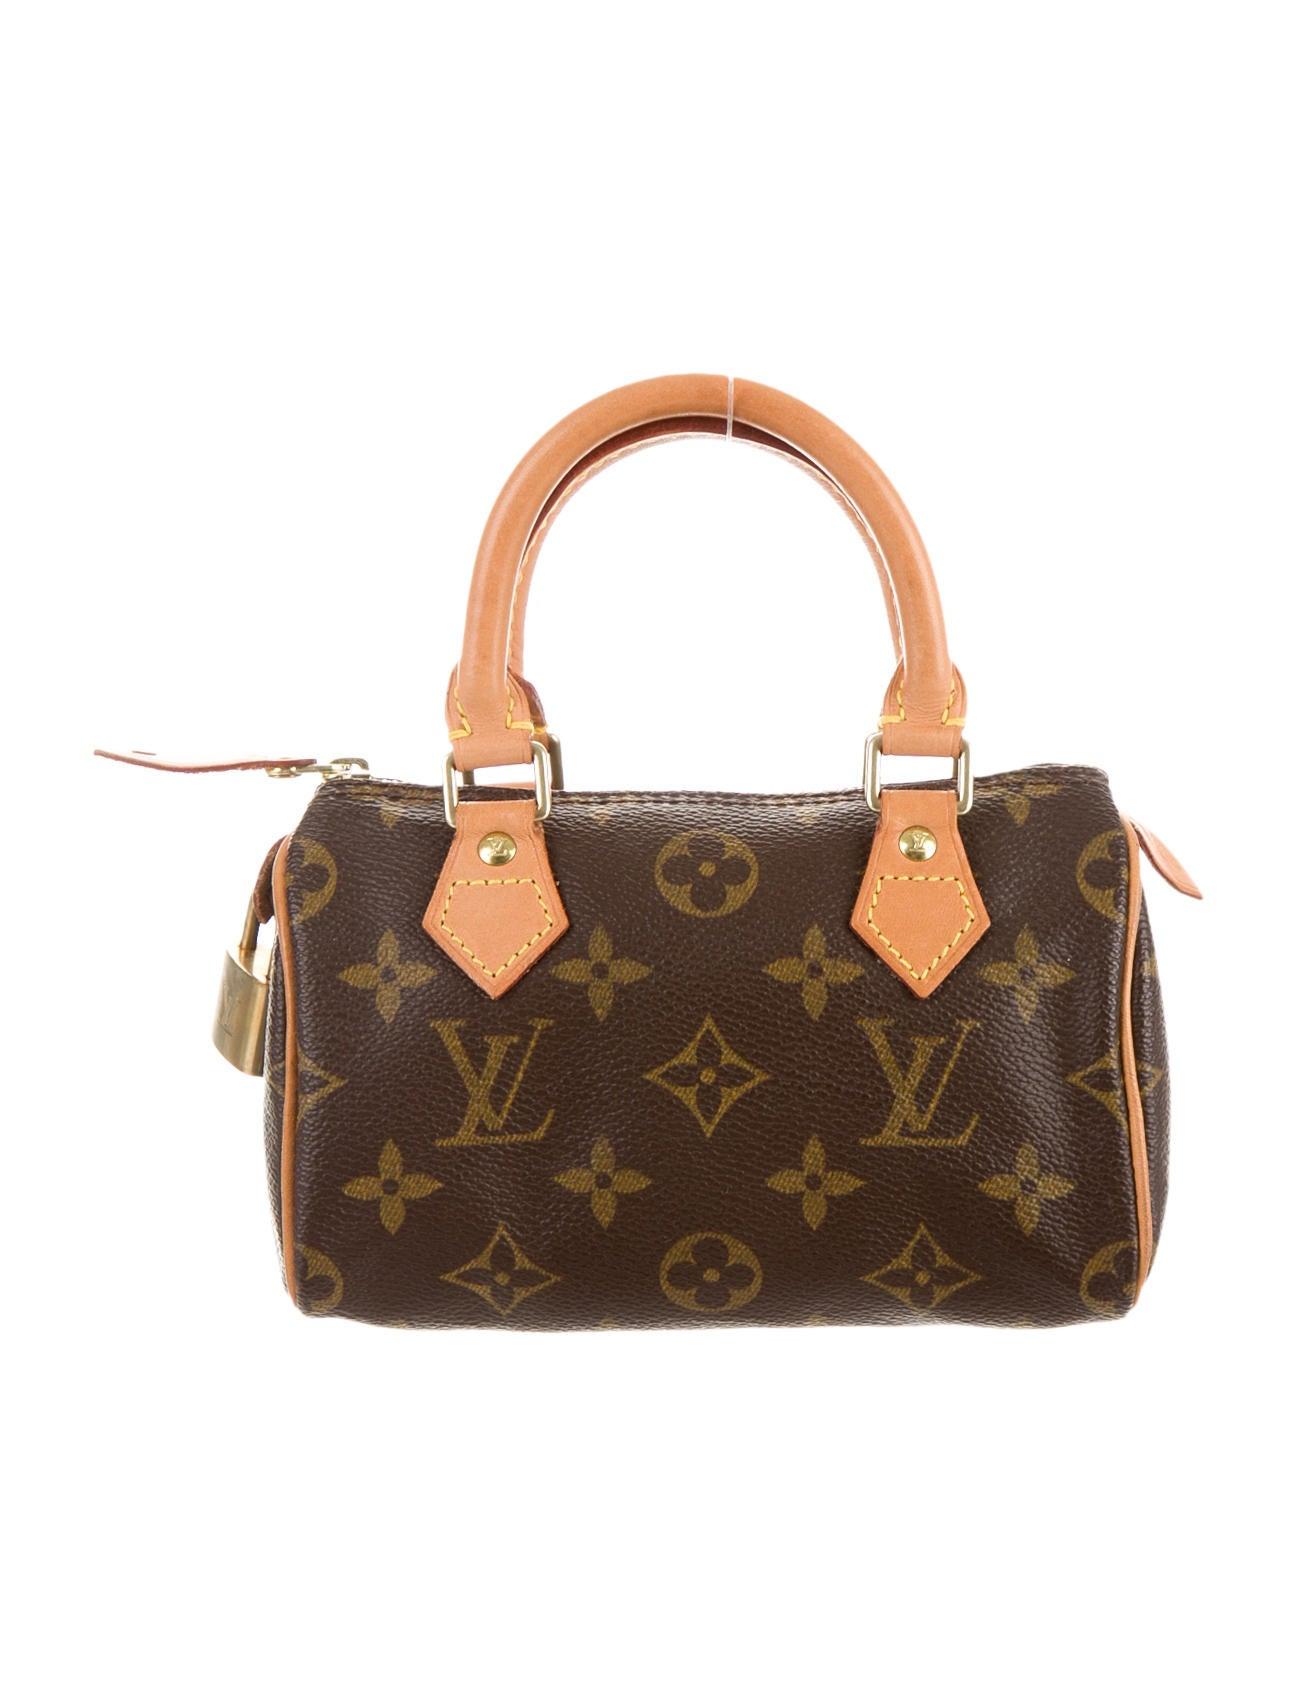 d54414e24a Louis Vuitton Mini HL Speedy Bag - Handbags - LOU69297 | The RealReal